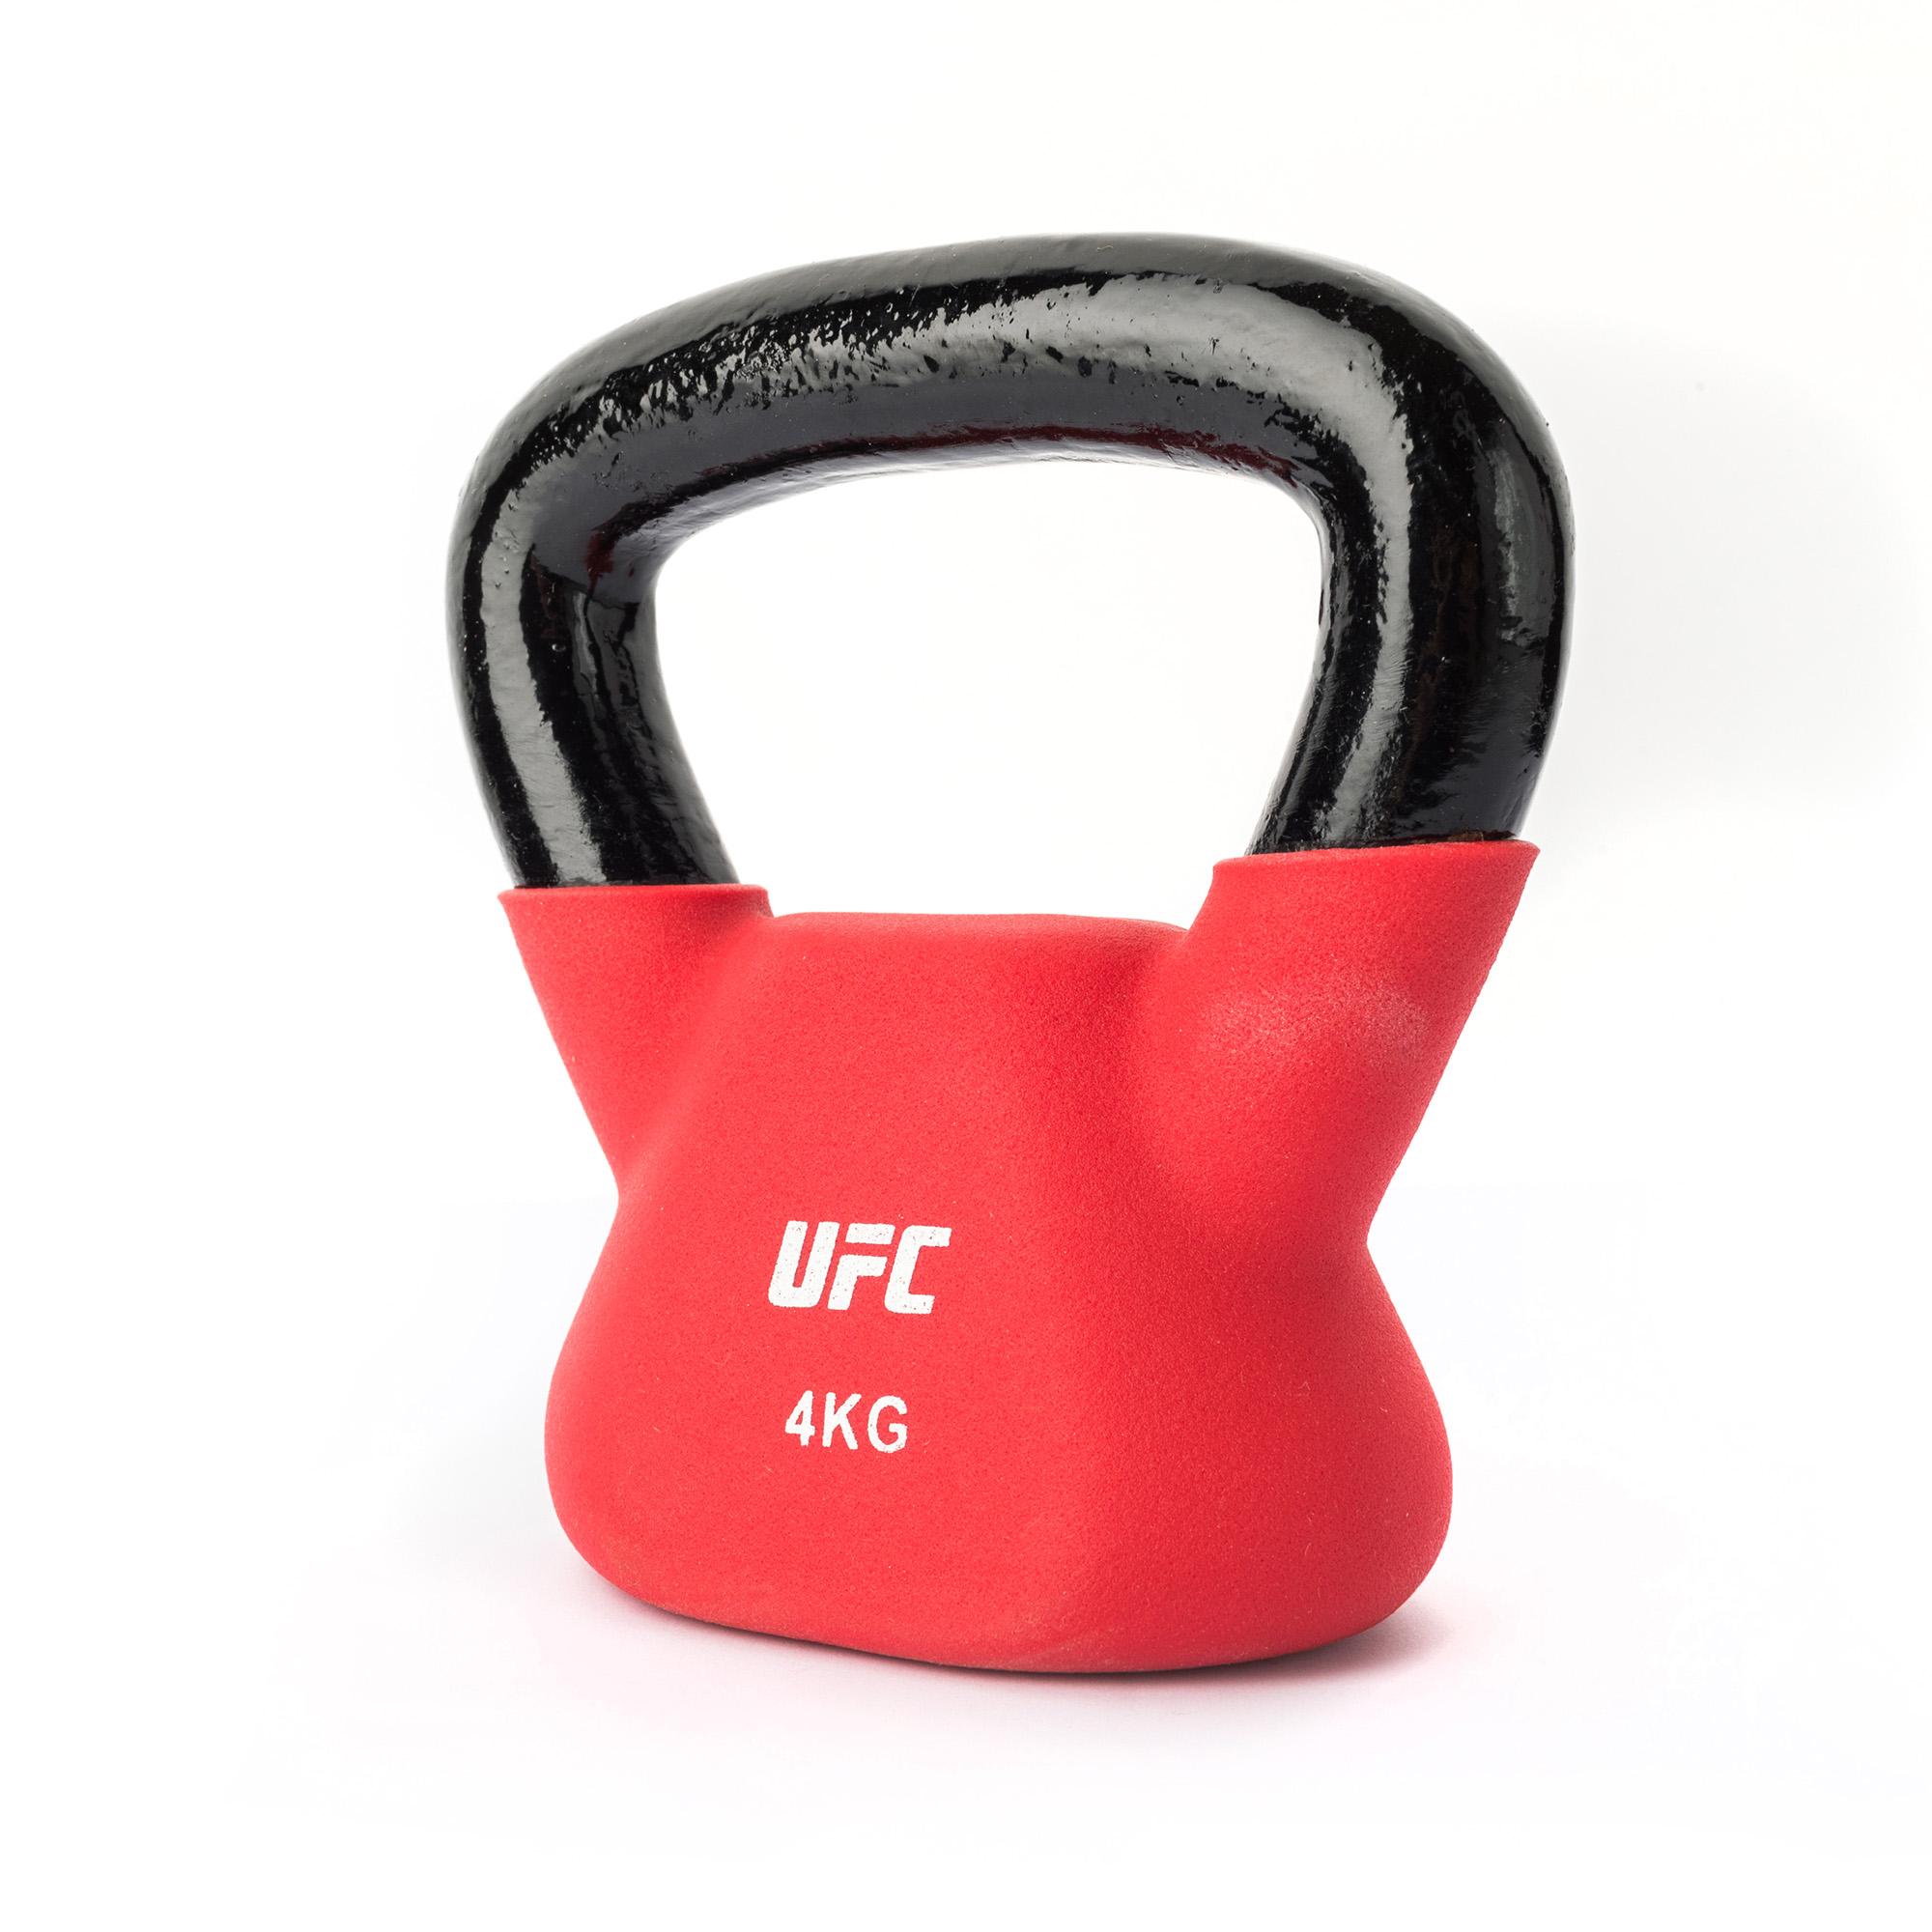 UFCFITNESS KETTLEBELL-2.jpg